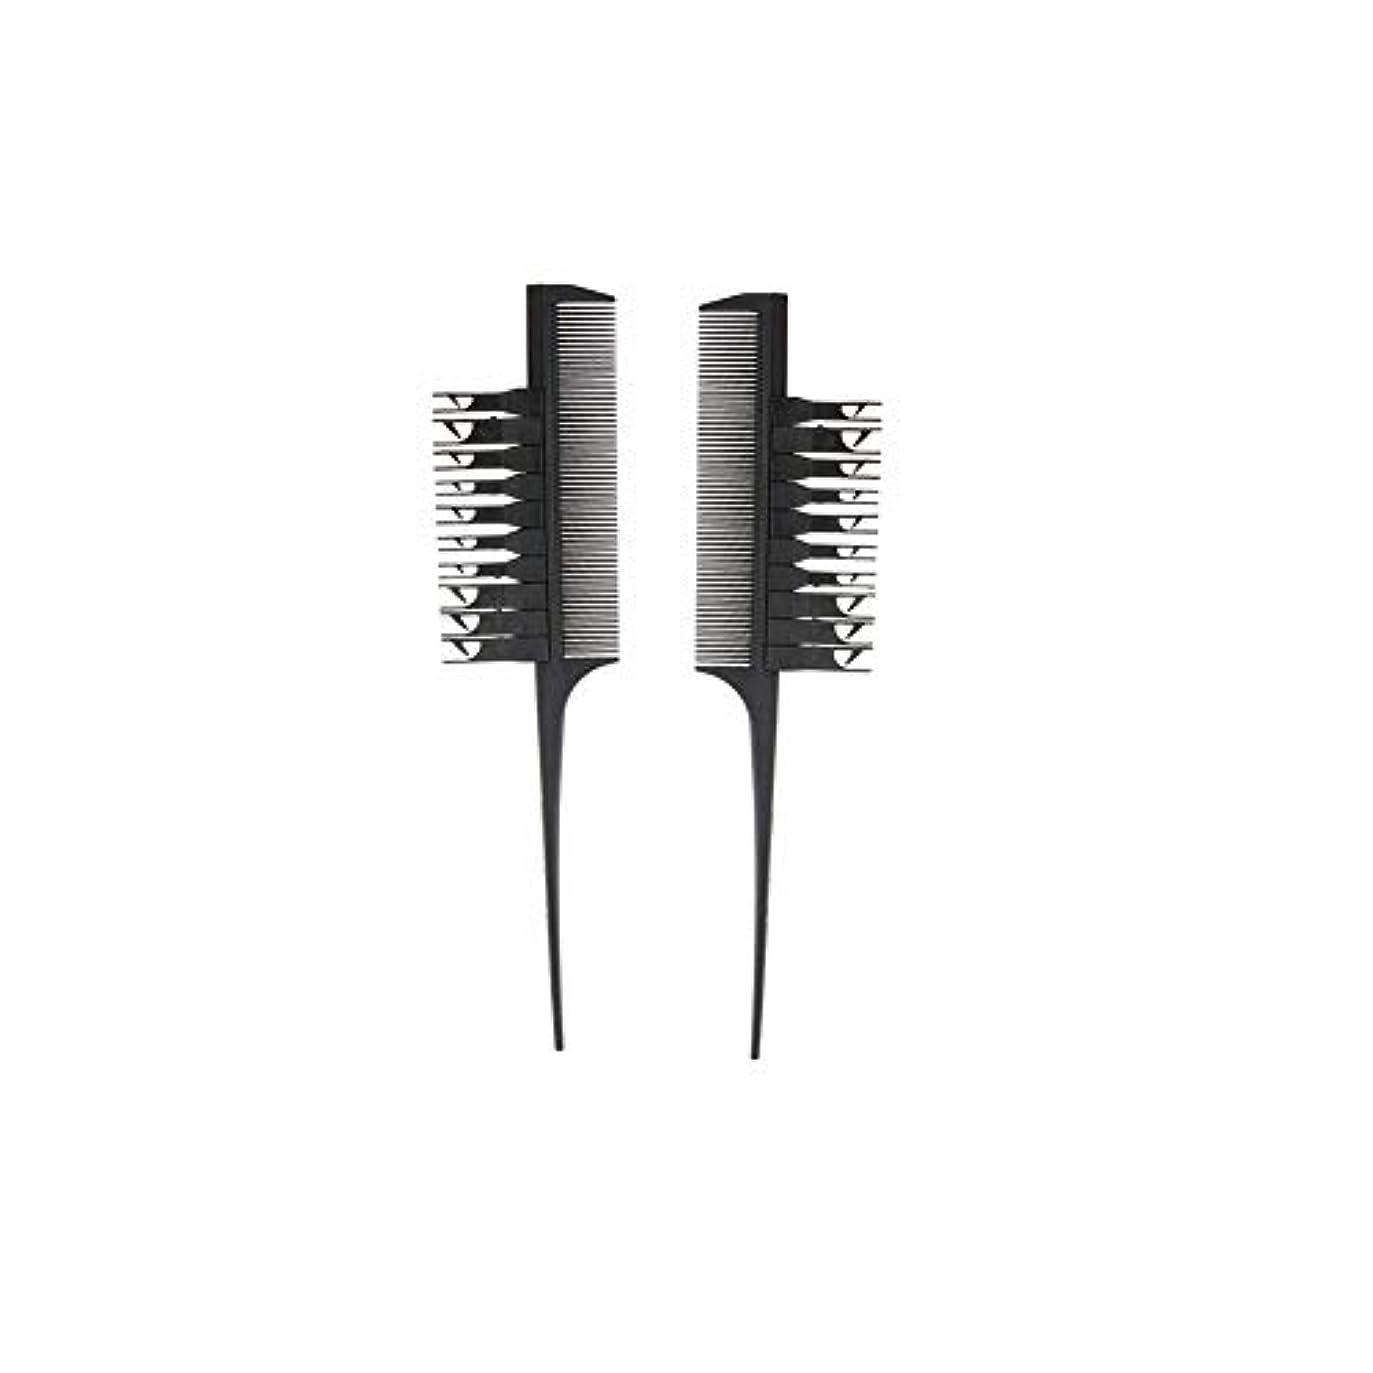 パンチ民主主義皿Snner セルフヘアカラーセット 毛染め用 2PCSはDIY工具ブレードが毛の微黒を強調髪トーンセットブラシ毛の櫛で髪を強調しました